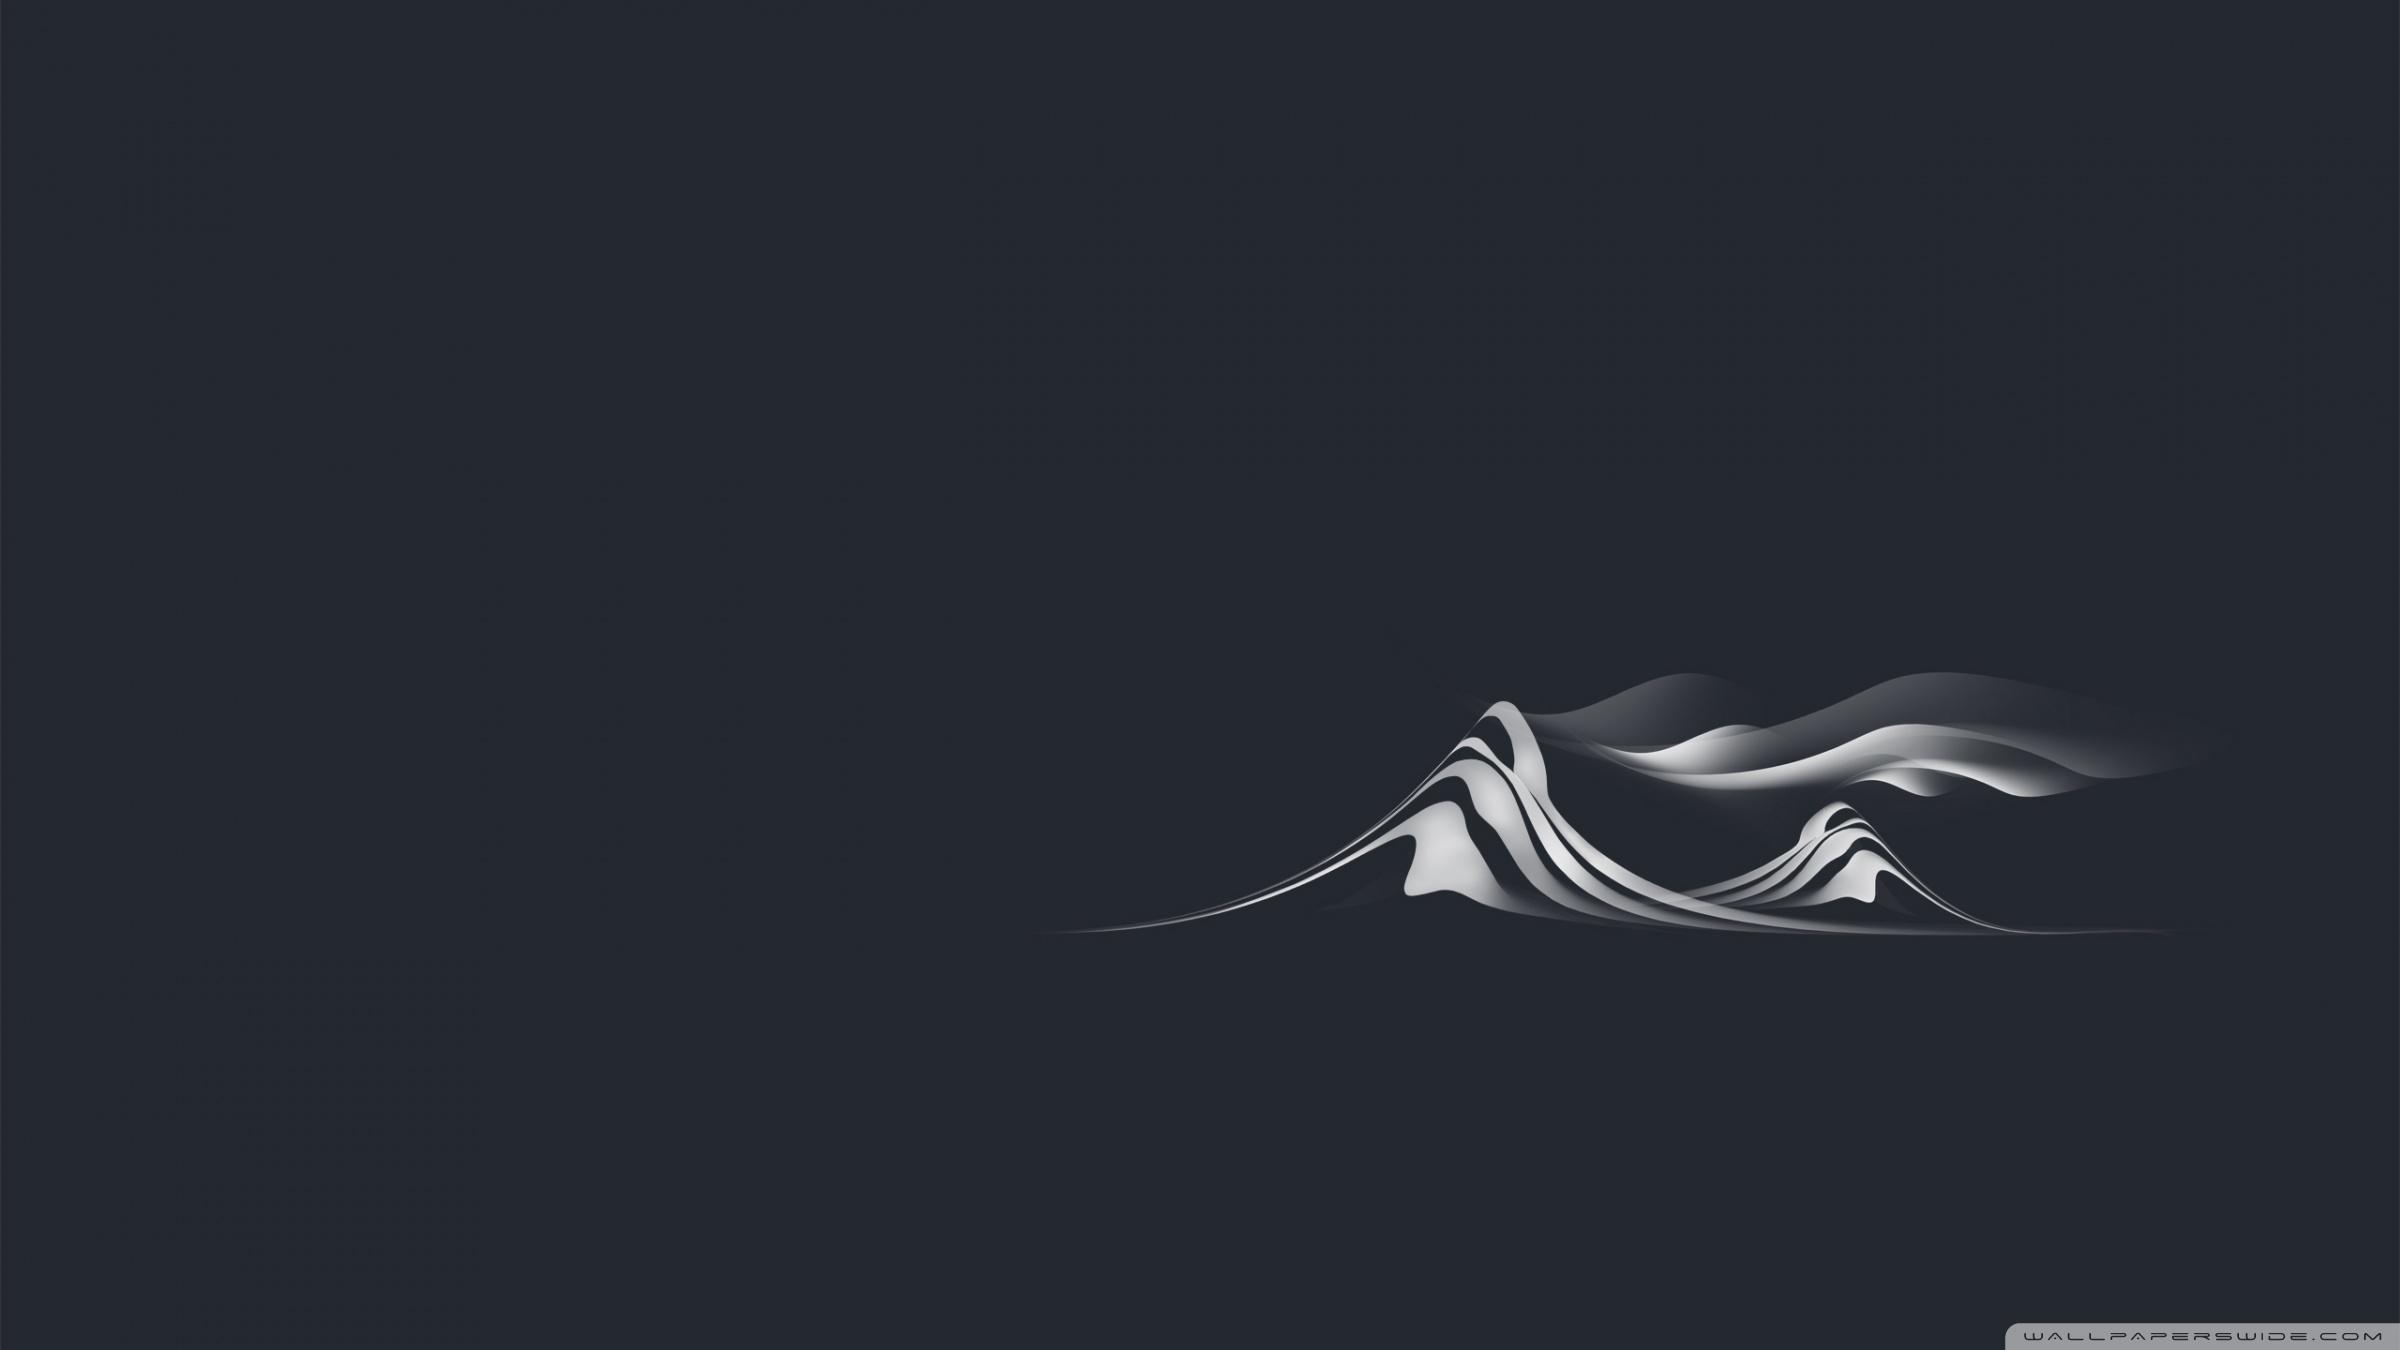 Ipad Mini Wallpaper Hd Minimalist Art Design Vi 4k Hd Desktop Wallpaper For 4k